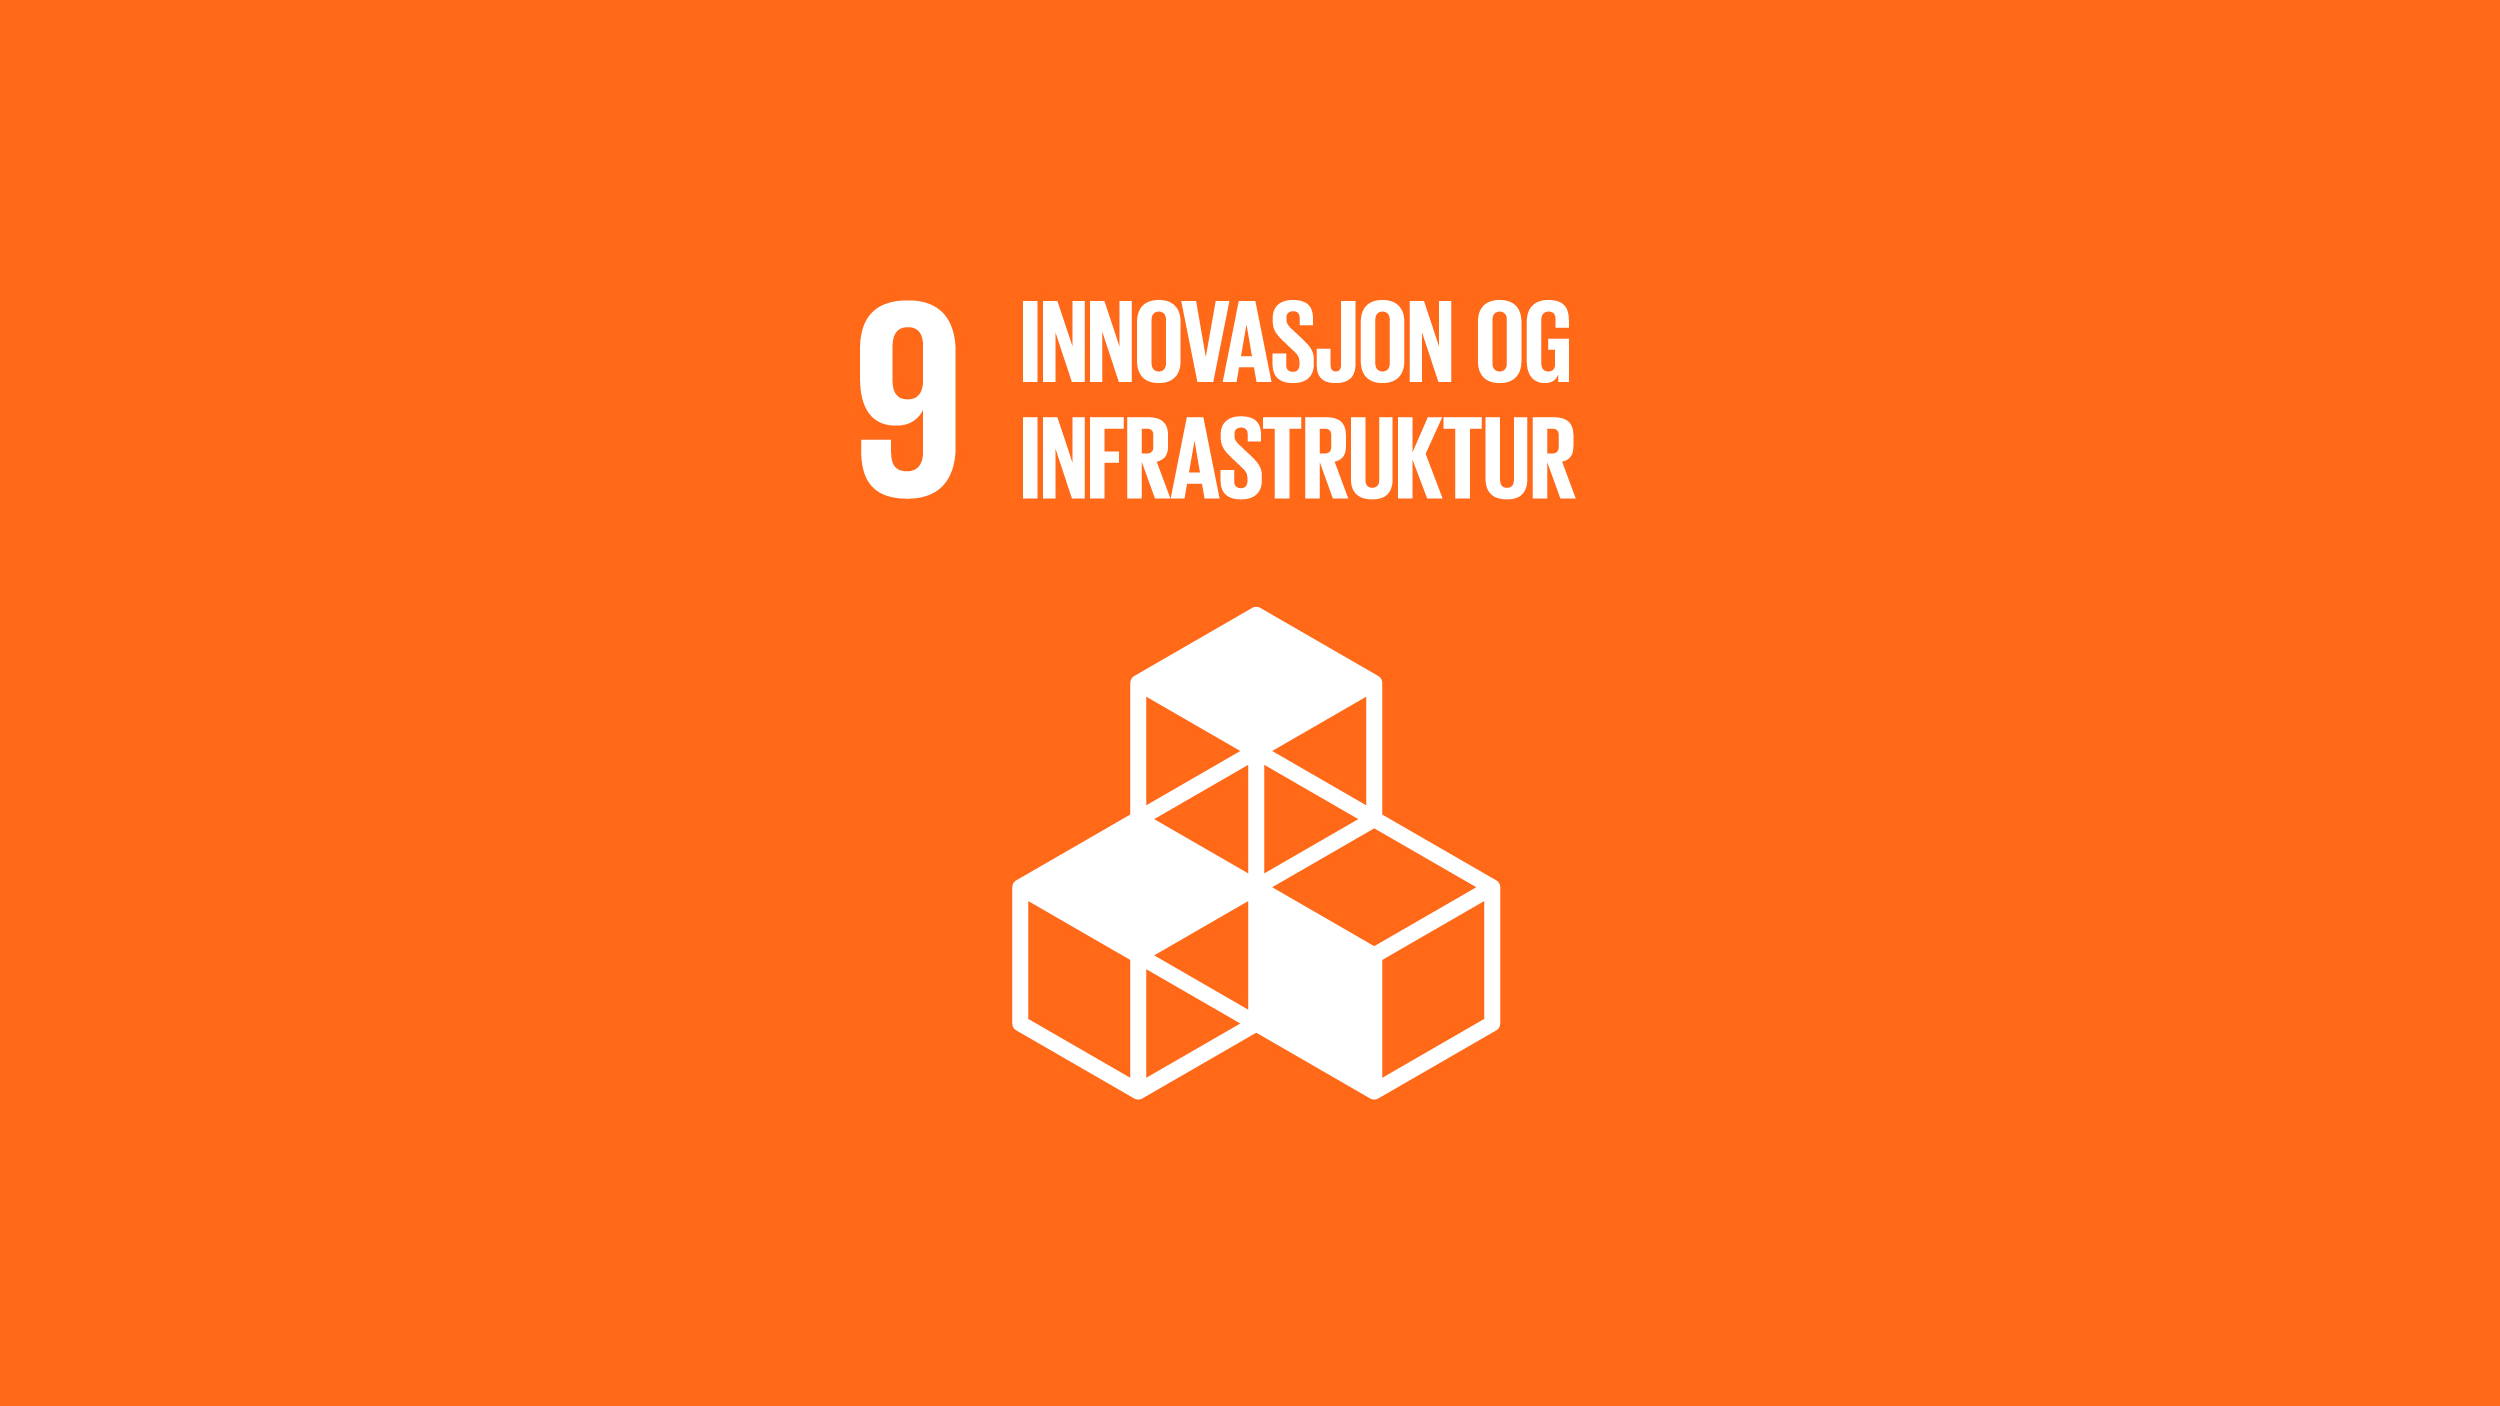 9 Innovasjon og infrastruktur.png